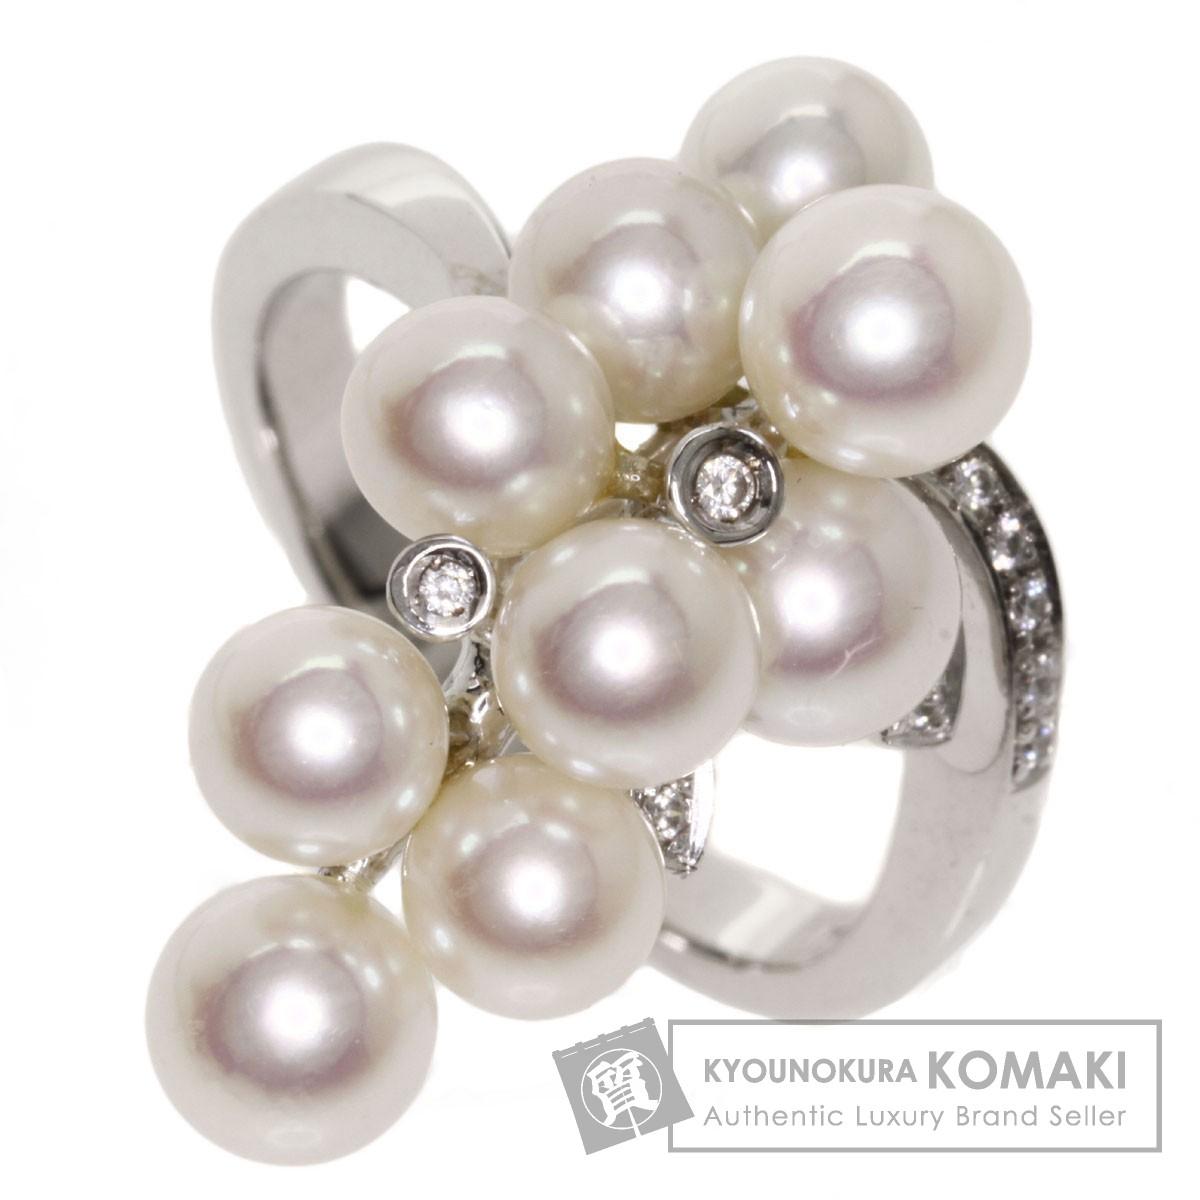 パール 真珠 ダイヤモンド リング・指輪 K14ホワイトゴールド 7.3g レディース 【中古】